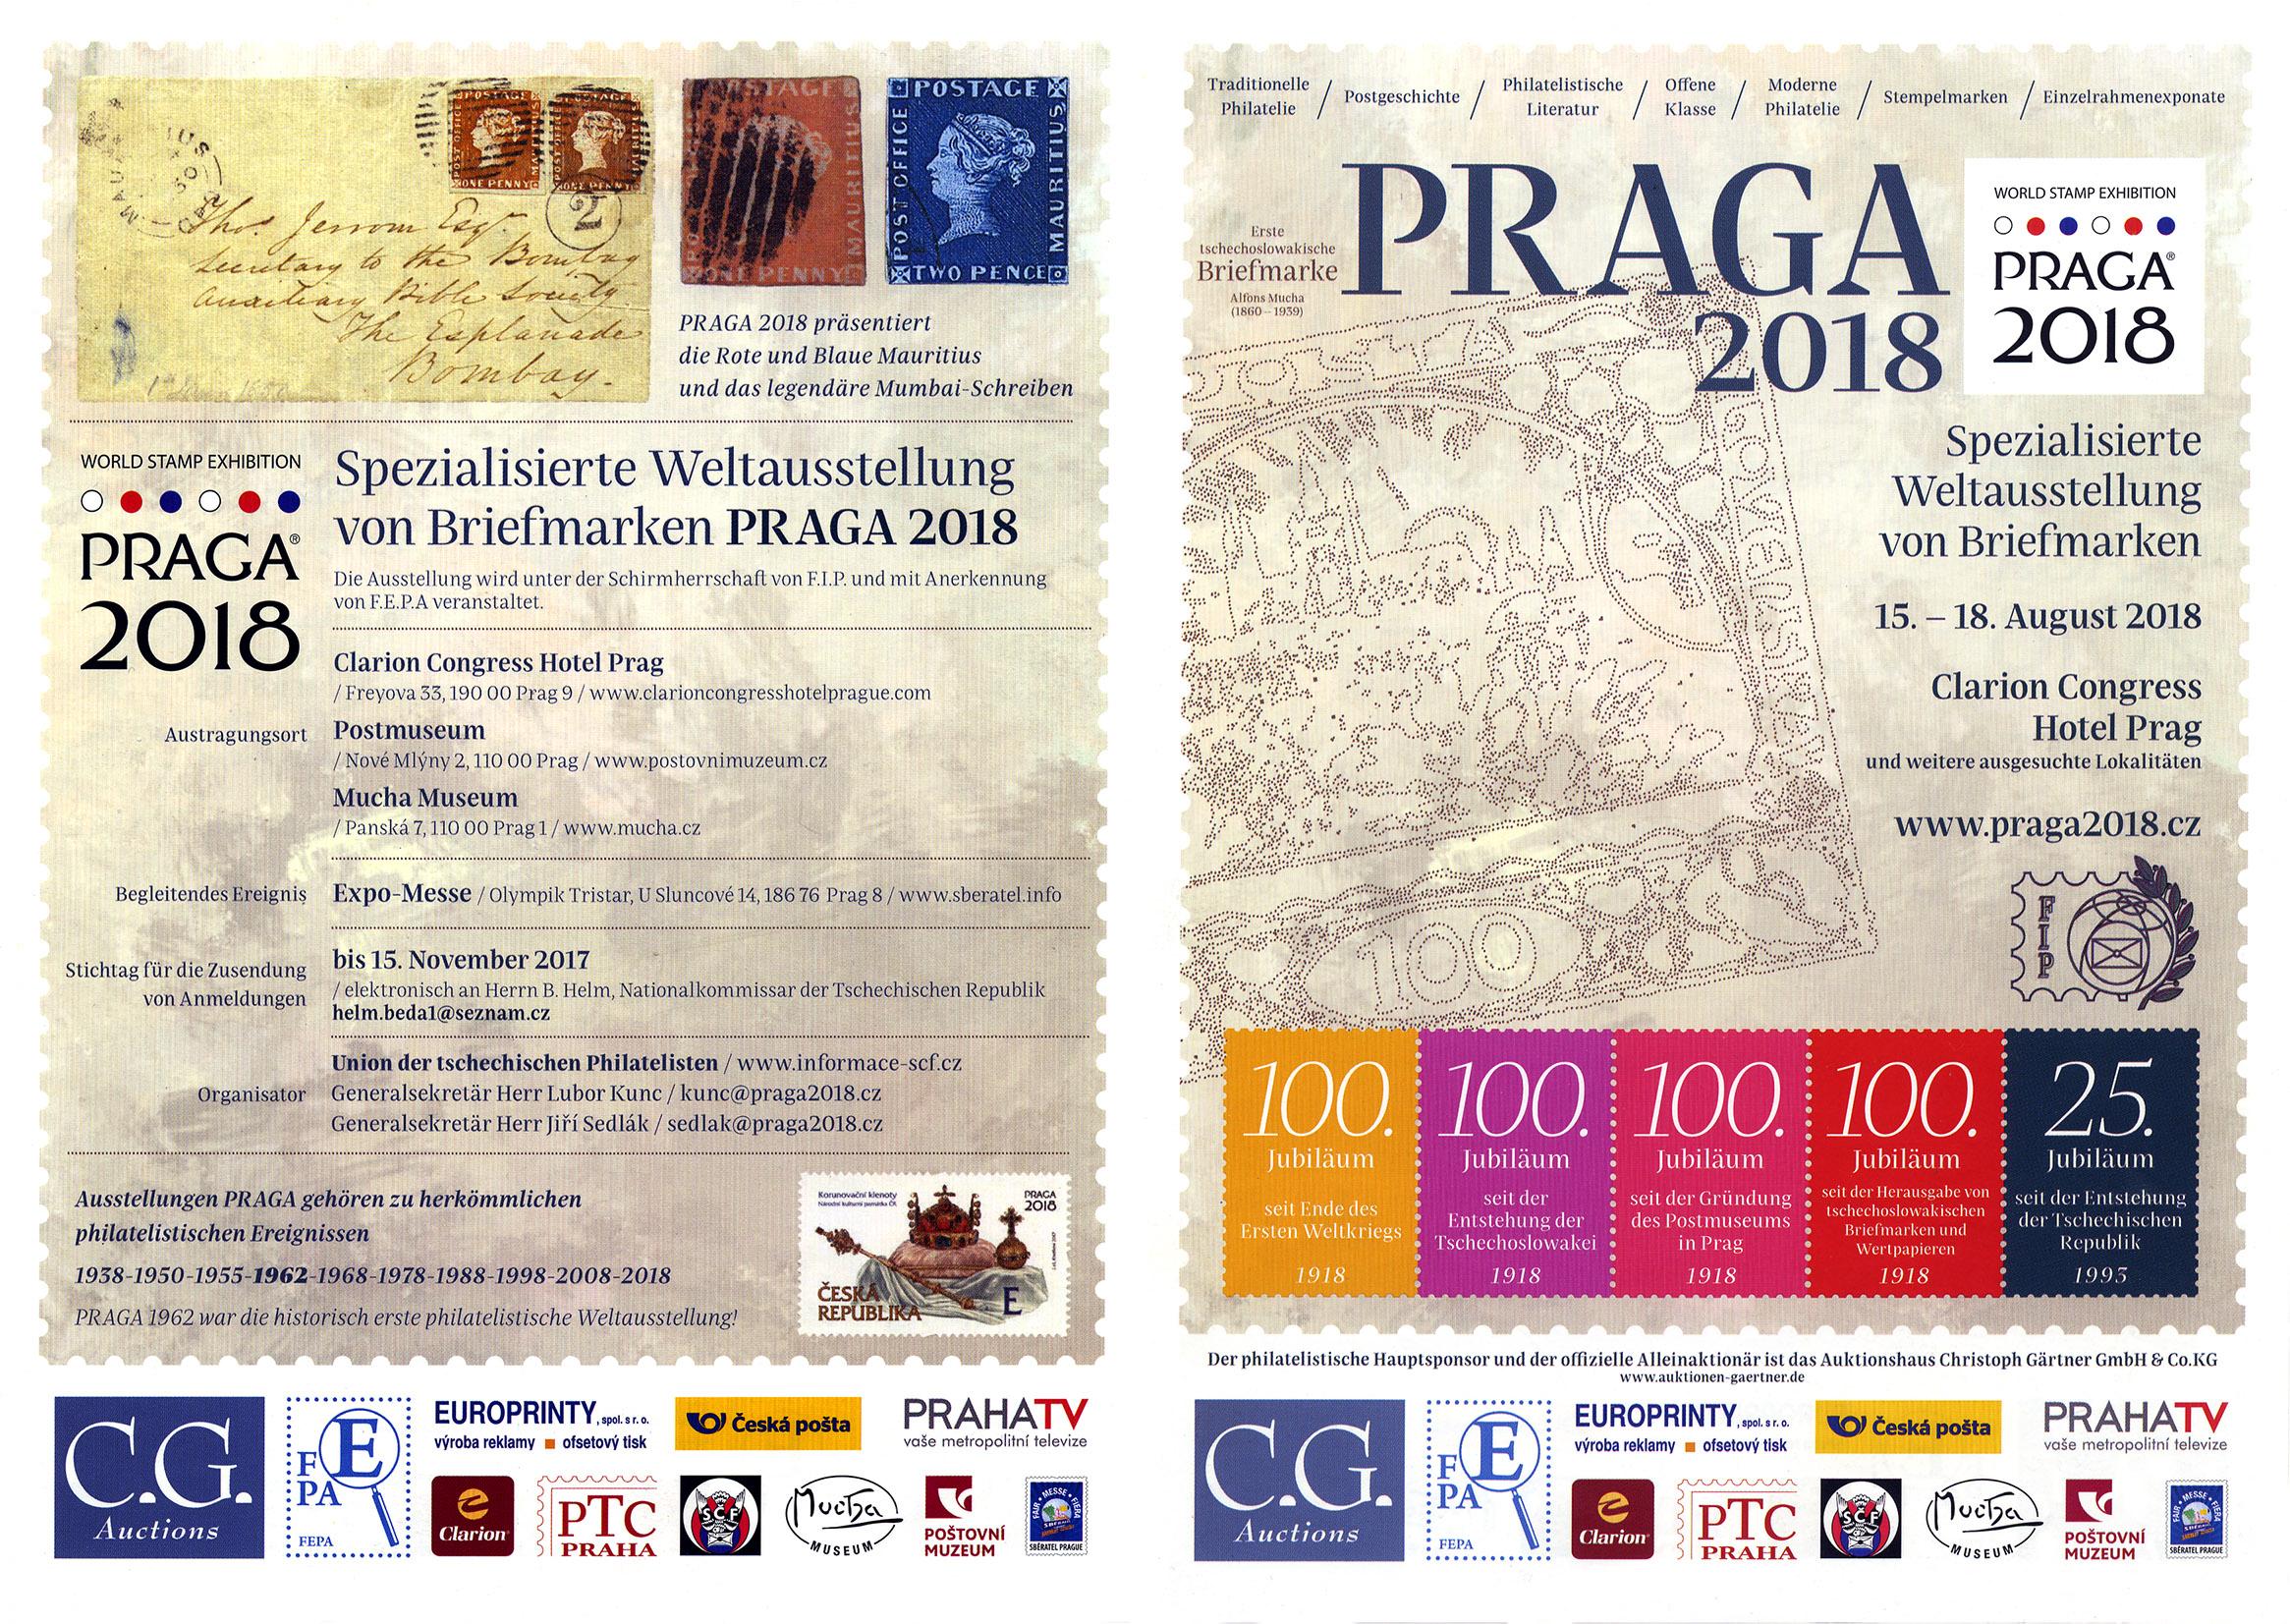 Ausfahrt zur Briefmarkenausstellung PRAGA 2018 @ Clarion Congress Hotel Prag | Hlavní město Praha | Tschechien